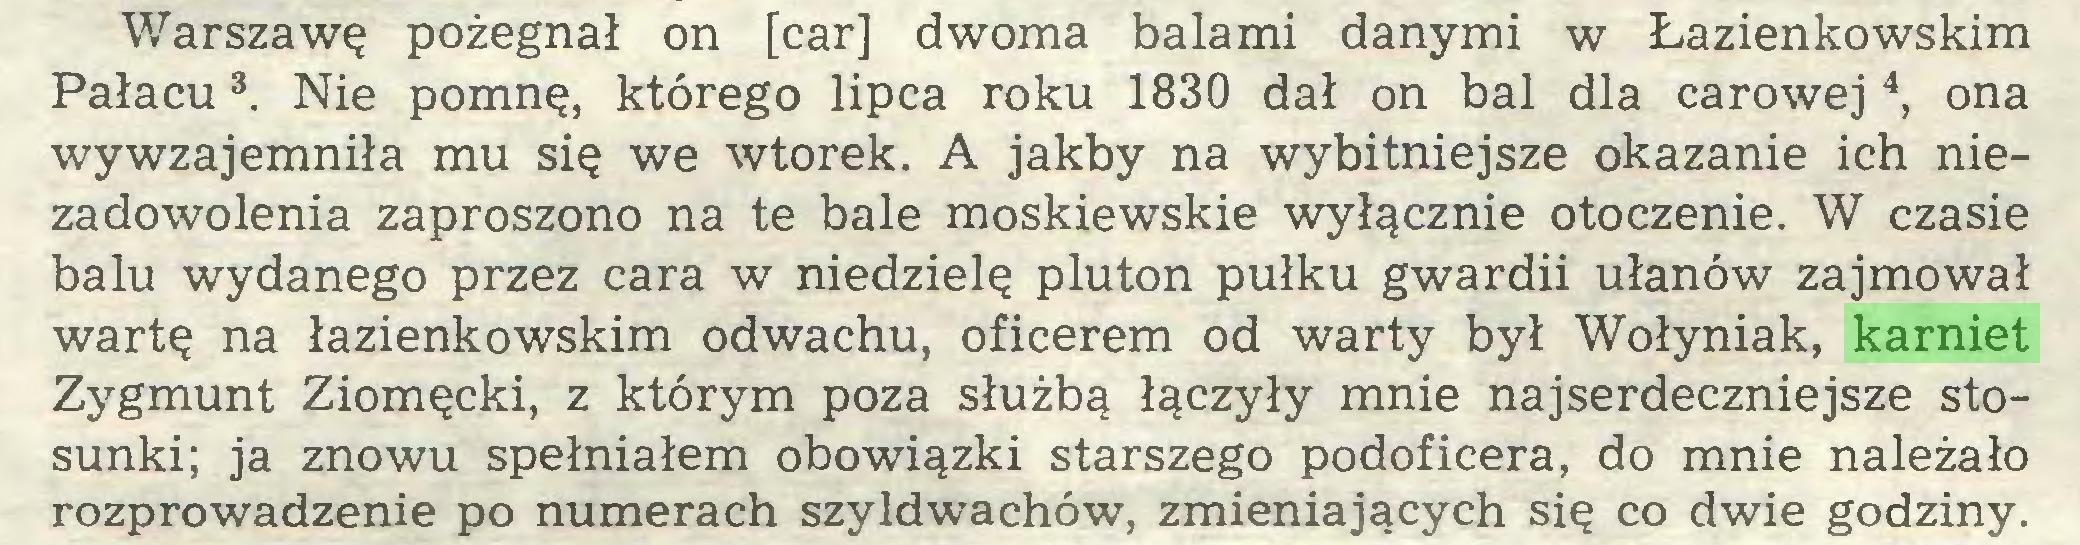 (...) Warszawę pożegnał on [car] dwoma balami danymi w Łazienkowskim Pałacu3. Nie pomnę, którego lipca roku 1830 dał on bal dla carowej 4, ona wywzajemniła mu się we wtorek. A jakby na wybitniejsze okazanie ich niezadowolenia zaproszono na te bale moskiewskie wyłącznie otoczenie. W czasie balu wydanego przez cara w niedzielę pluton pułku gwardii ułanów zajmował wartę na łazienkowskim odwachu, oficerem od warty był Wołyniak, karniet Zygmunt Ziomęcki, z którym poza służbą łączyły mnie najserdeczniejsze stosunki; ja znowu spełniałem obowiązki starszego podoficera, do mnie należało rozprowadzenie po numerach szyldwachów, zmieniających się co dwie godziny...